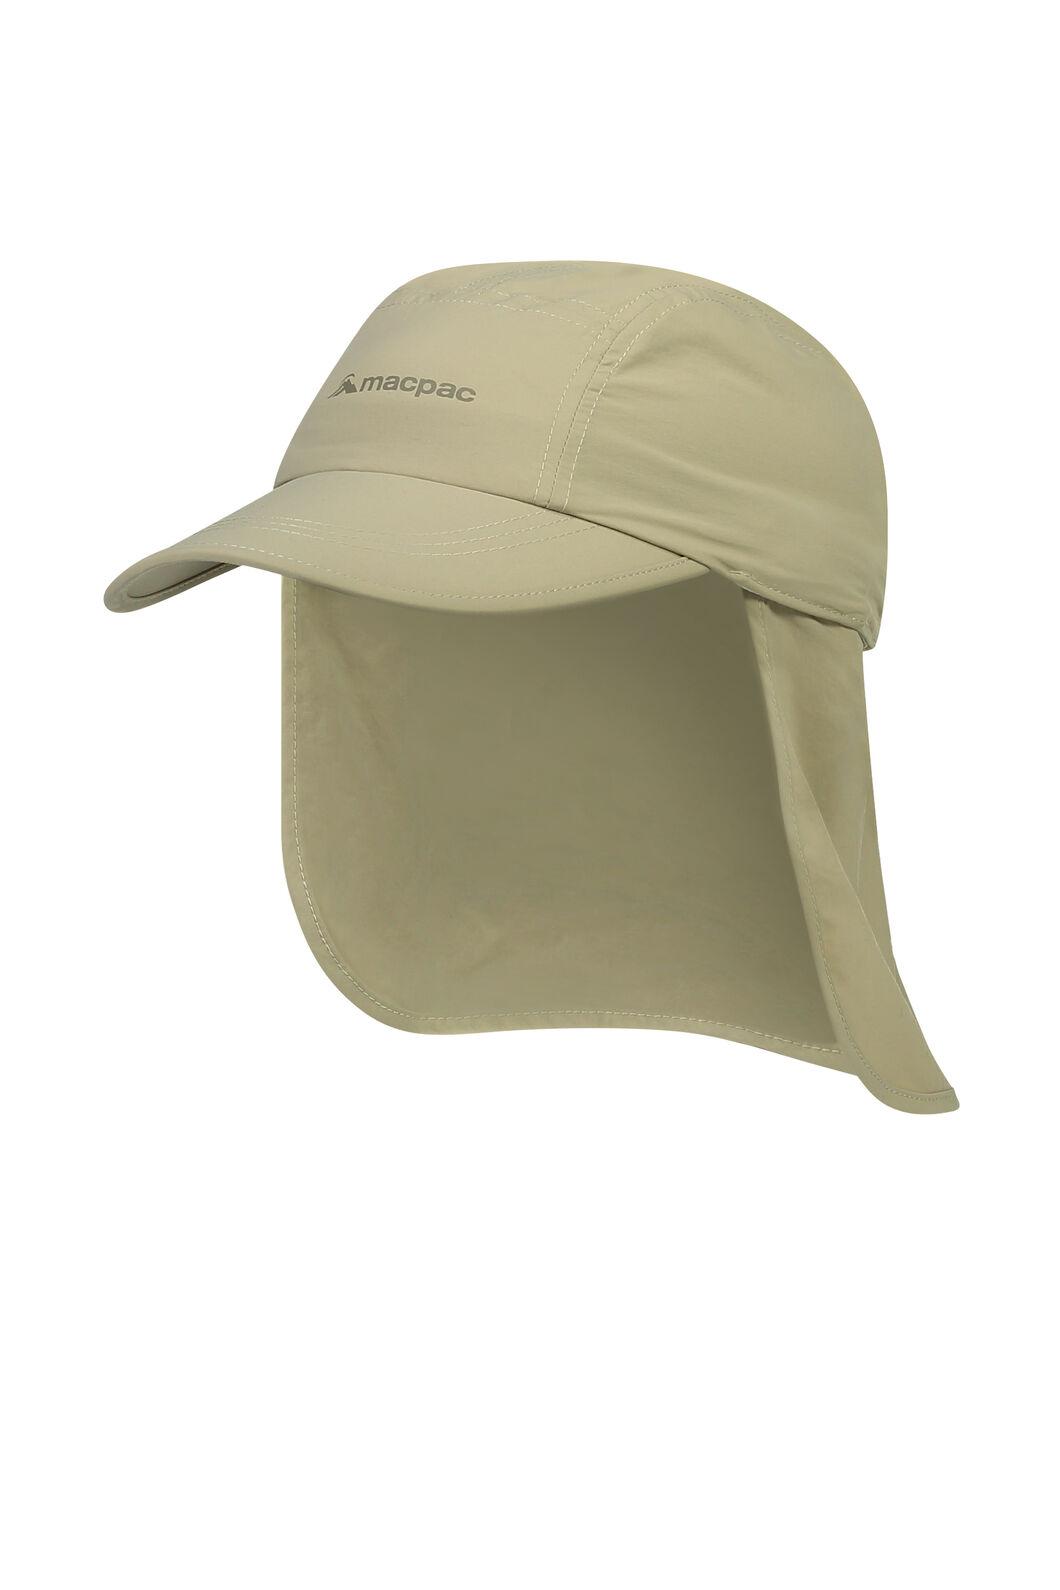 Macpac Legionnaire Hat, Khaki, hi-res